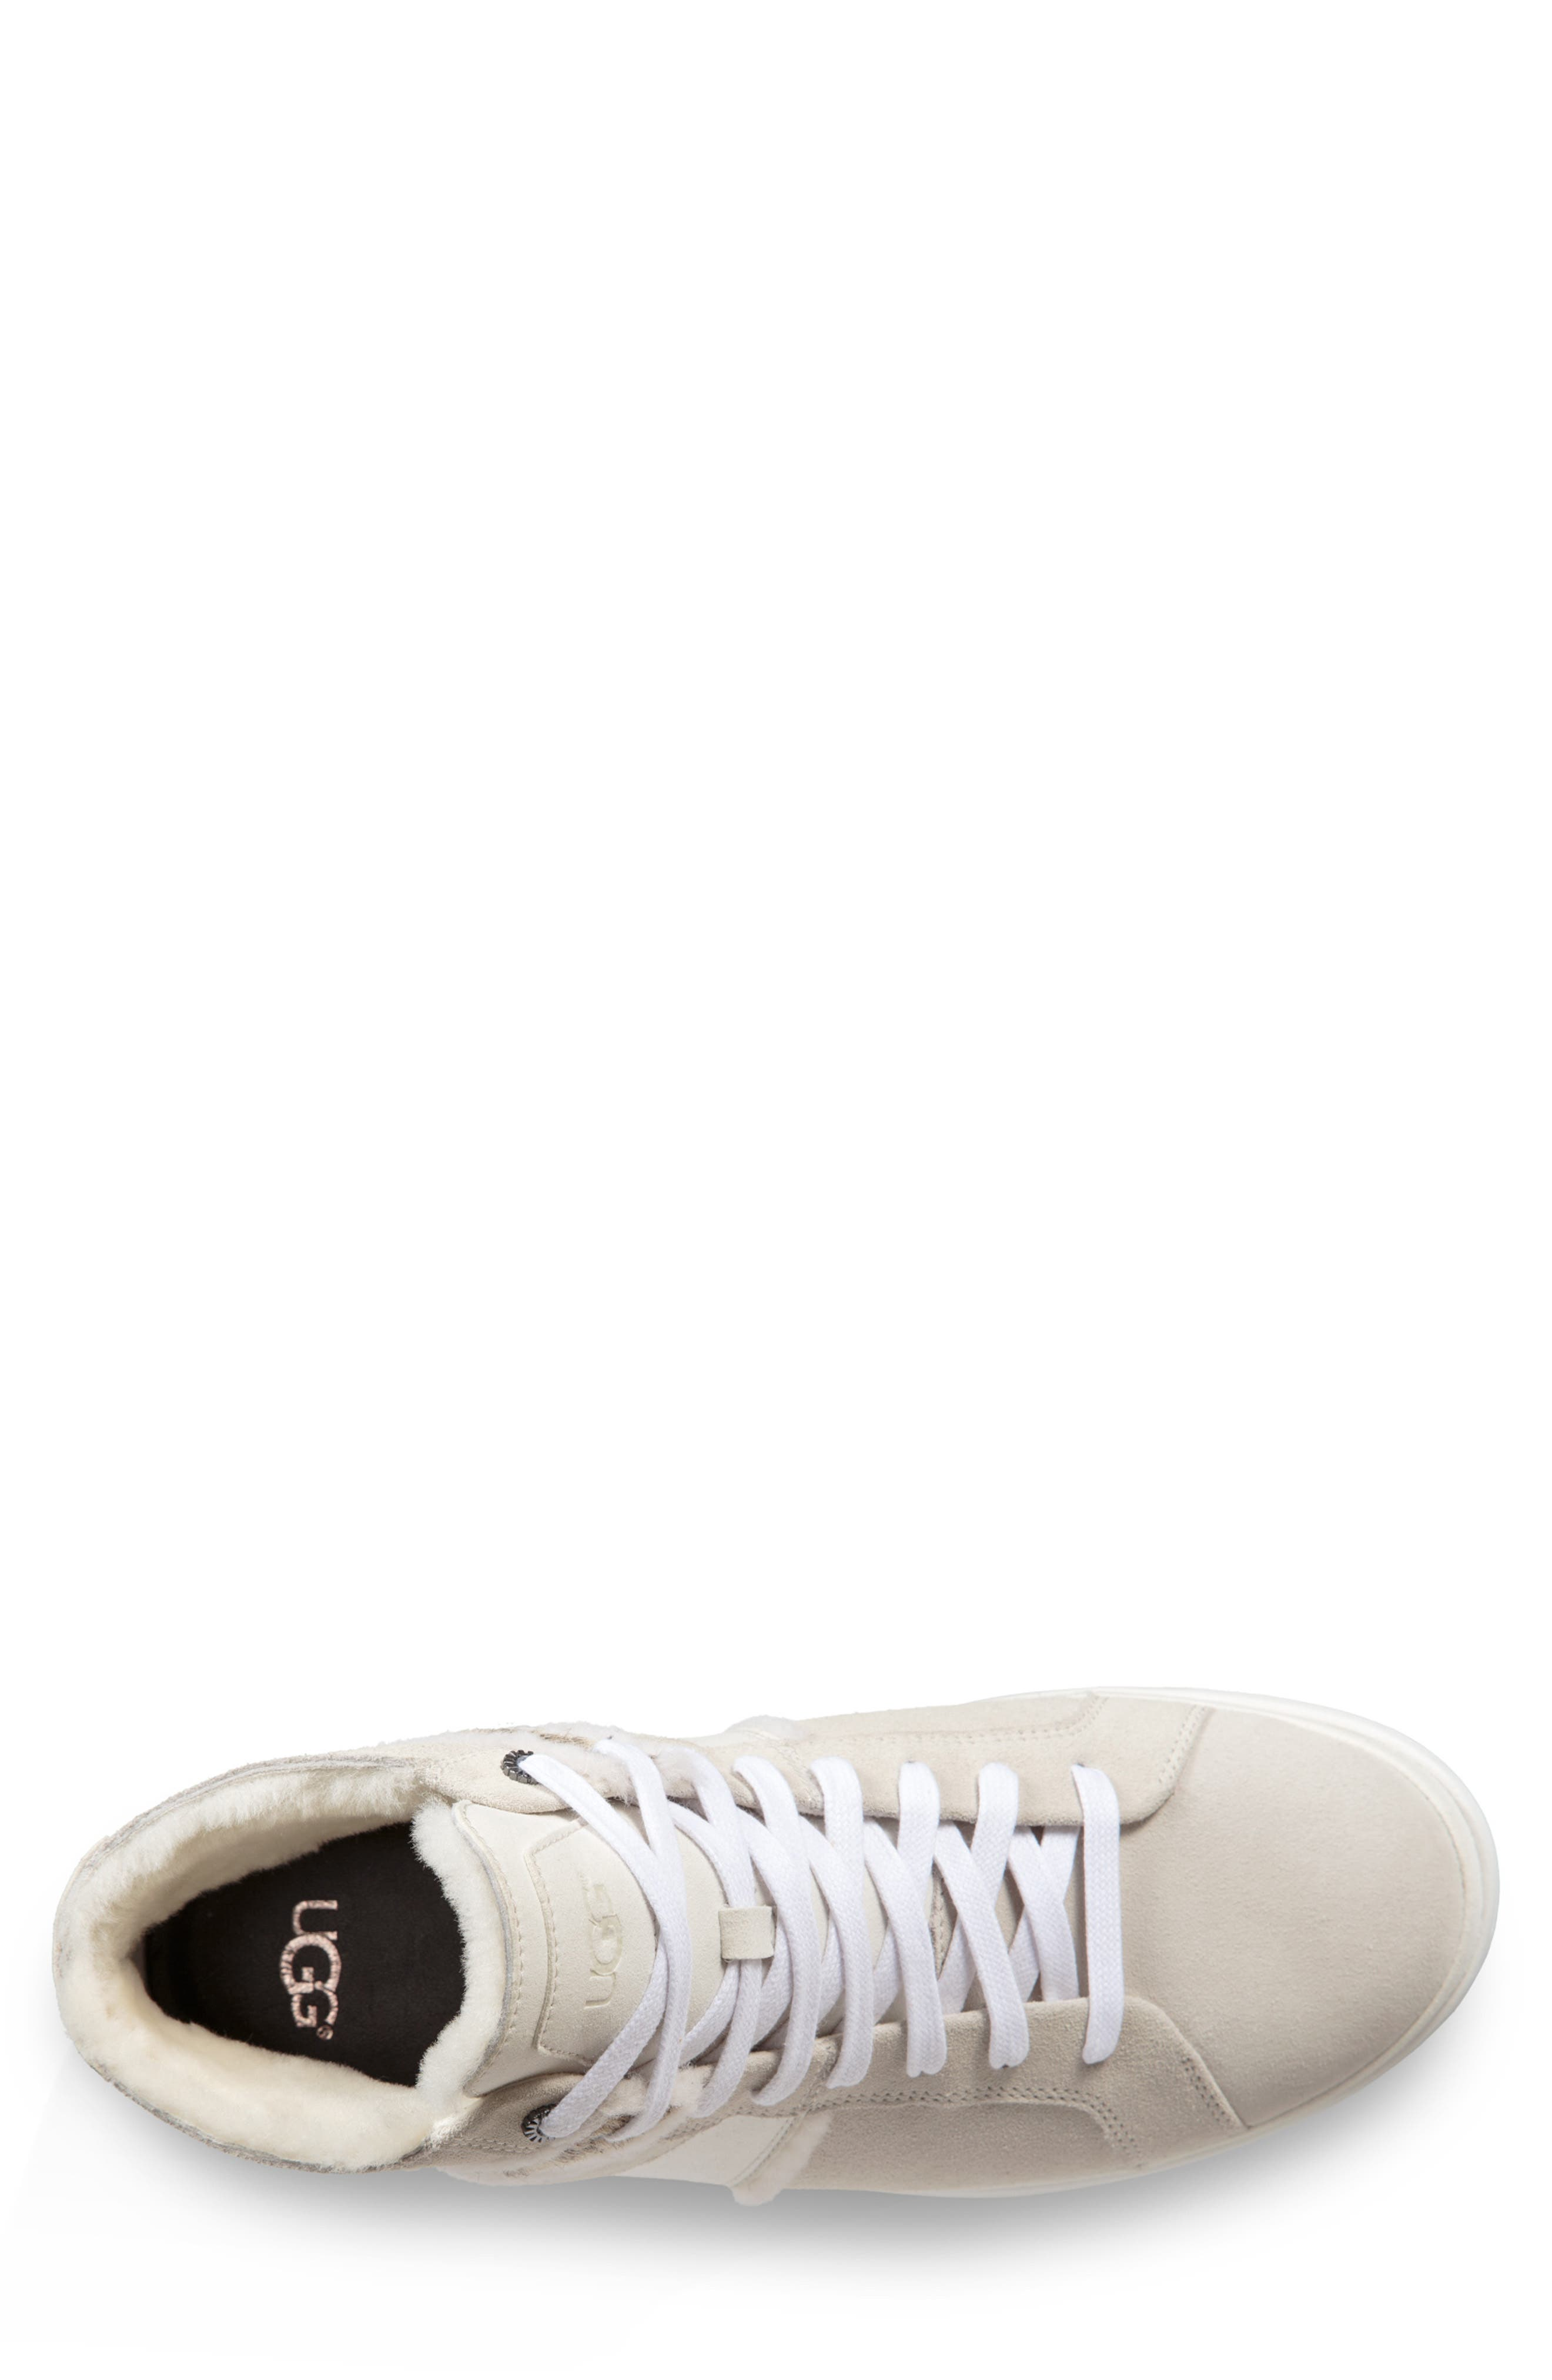 Cali High Top Sneaker,                             Alternate thumbnail 4, color,                             100